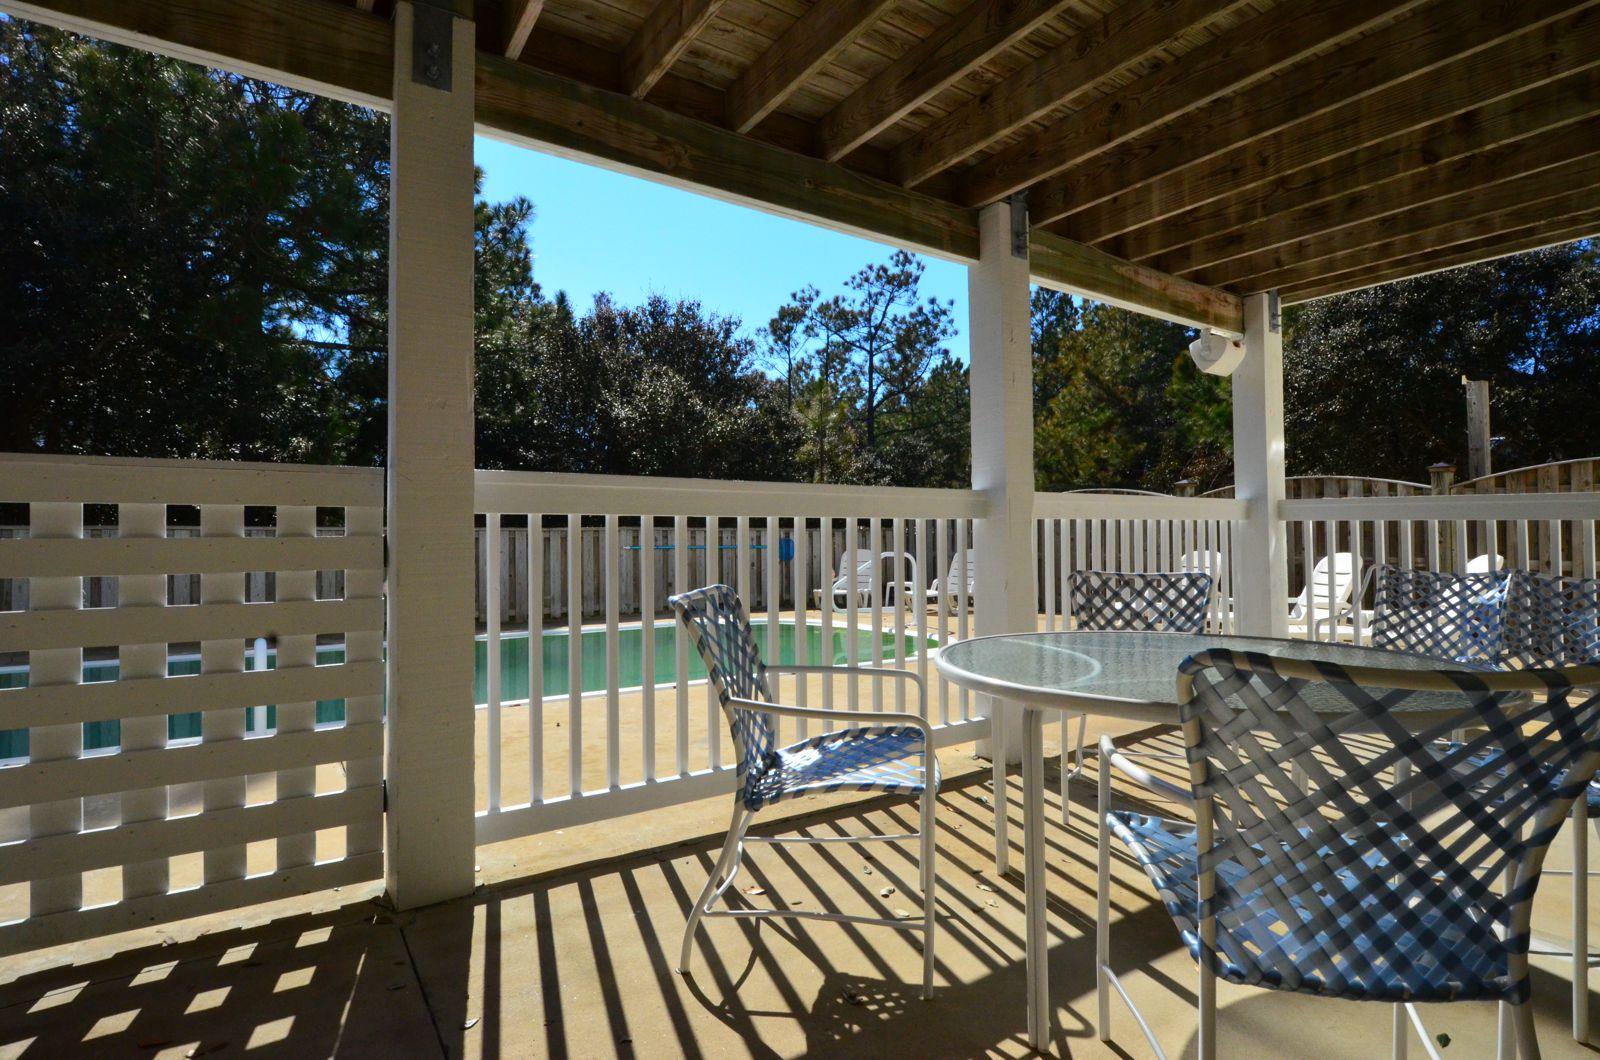 Sunshine - Safety Fence Around Pool